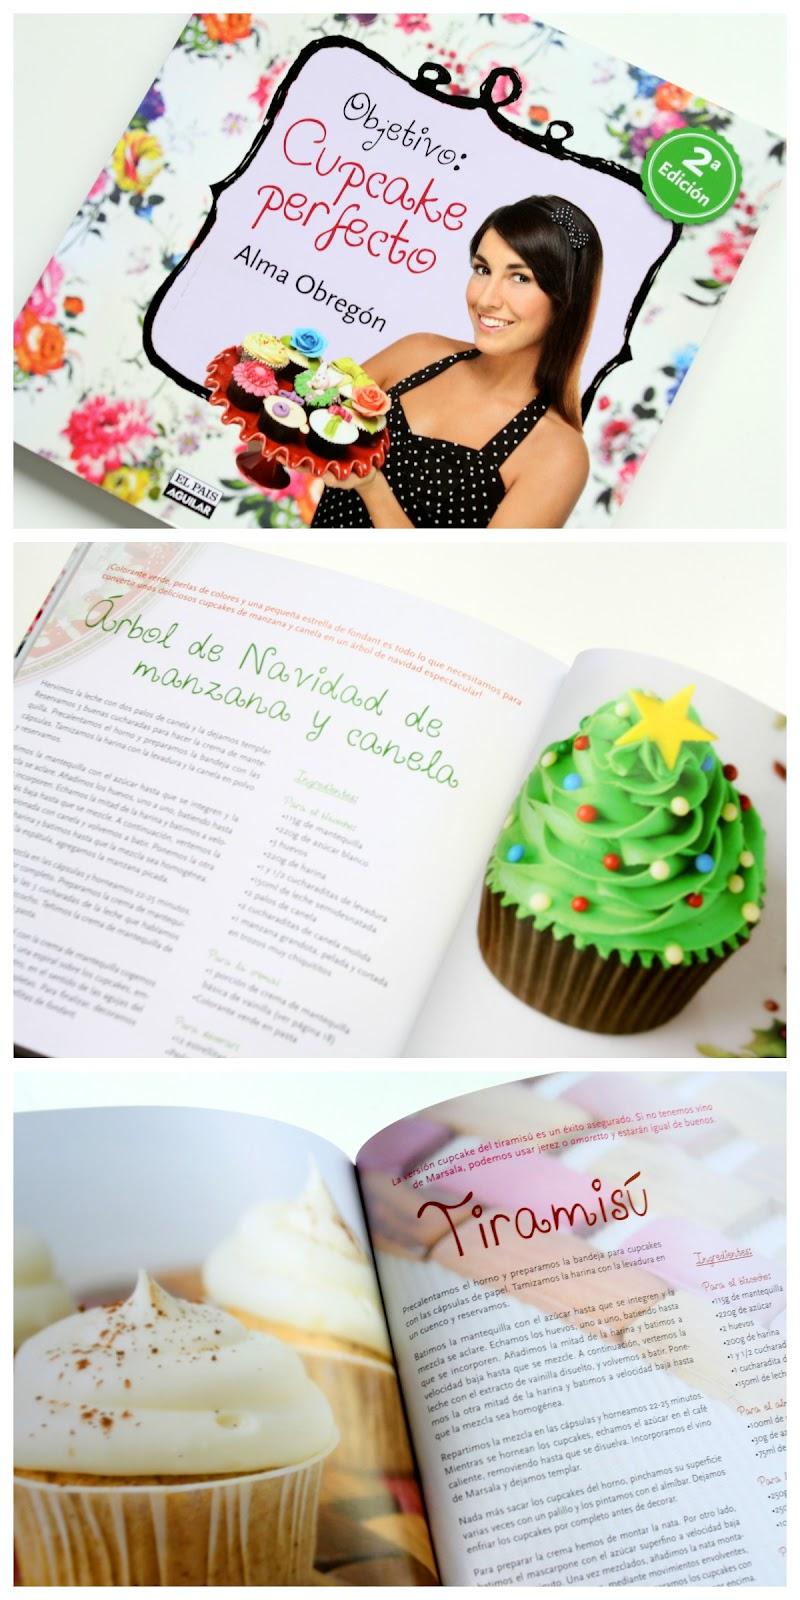 Re comiendo objetivo cupcake perfecto receta de - Objetivo cupcake perfecto blog ...